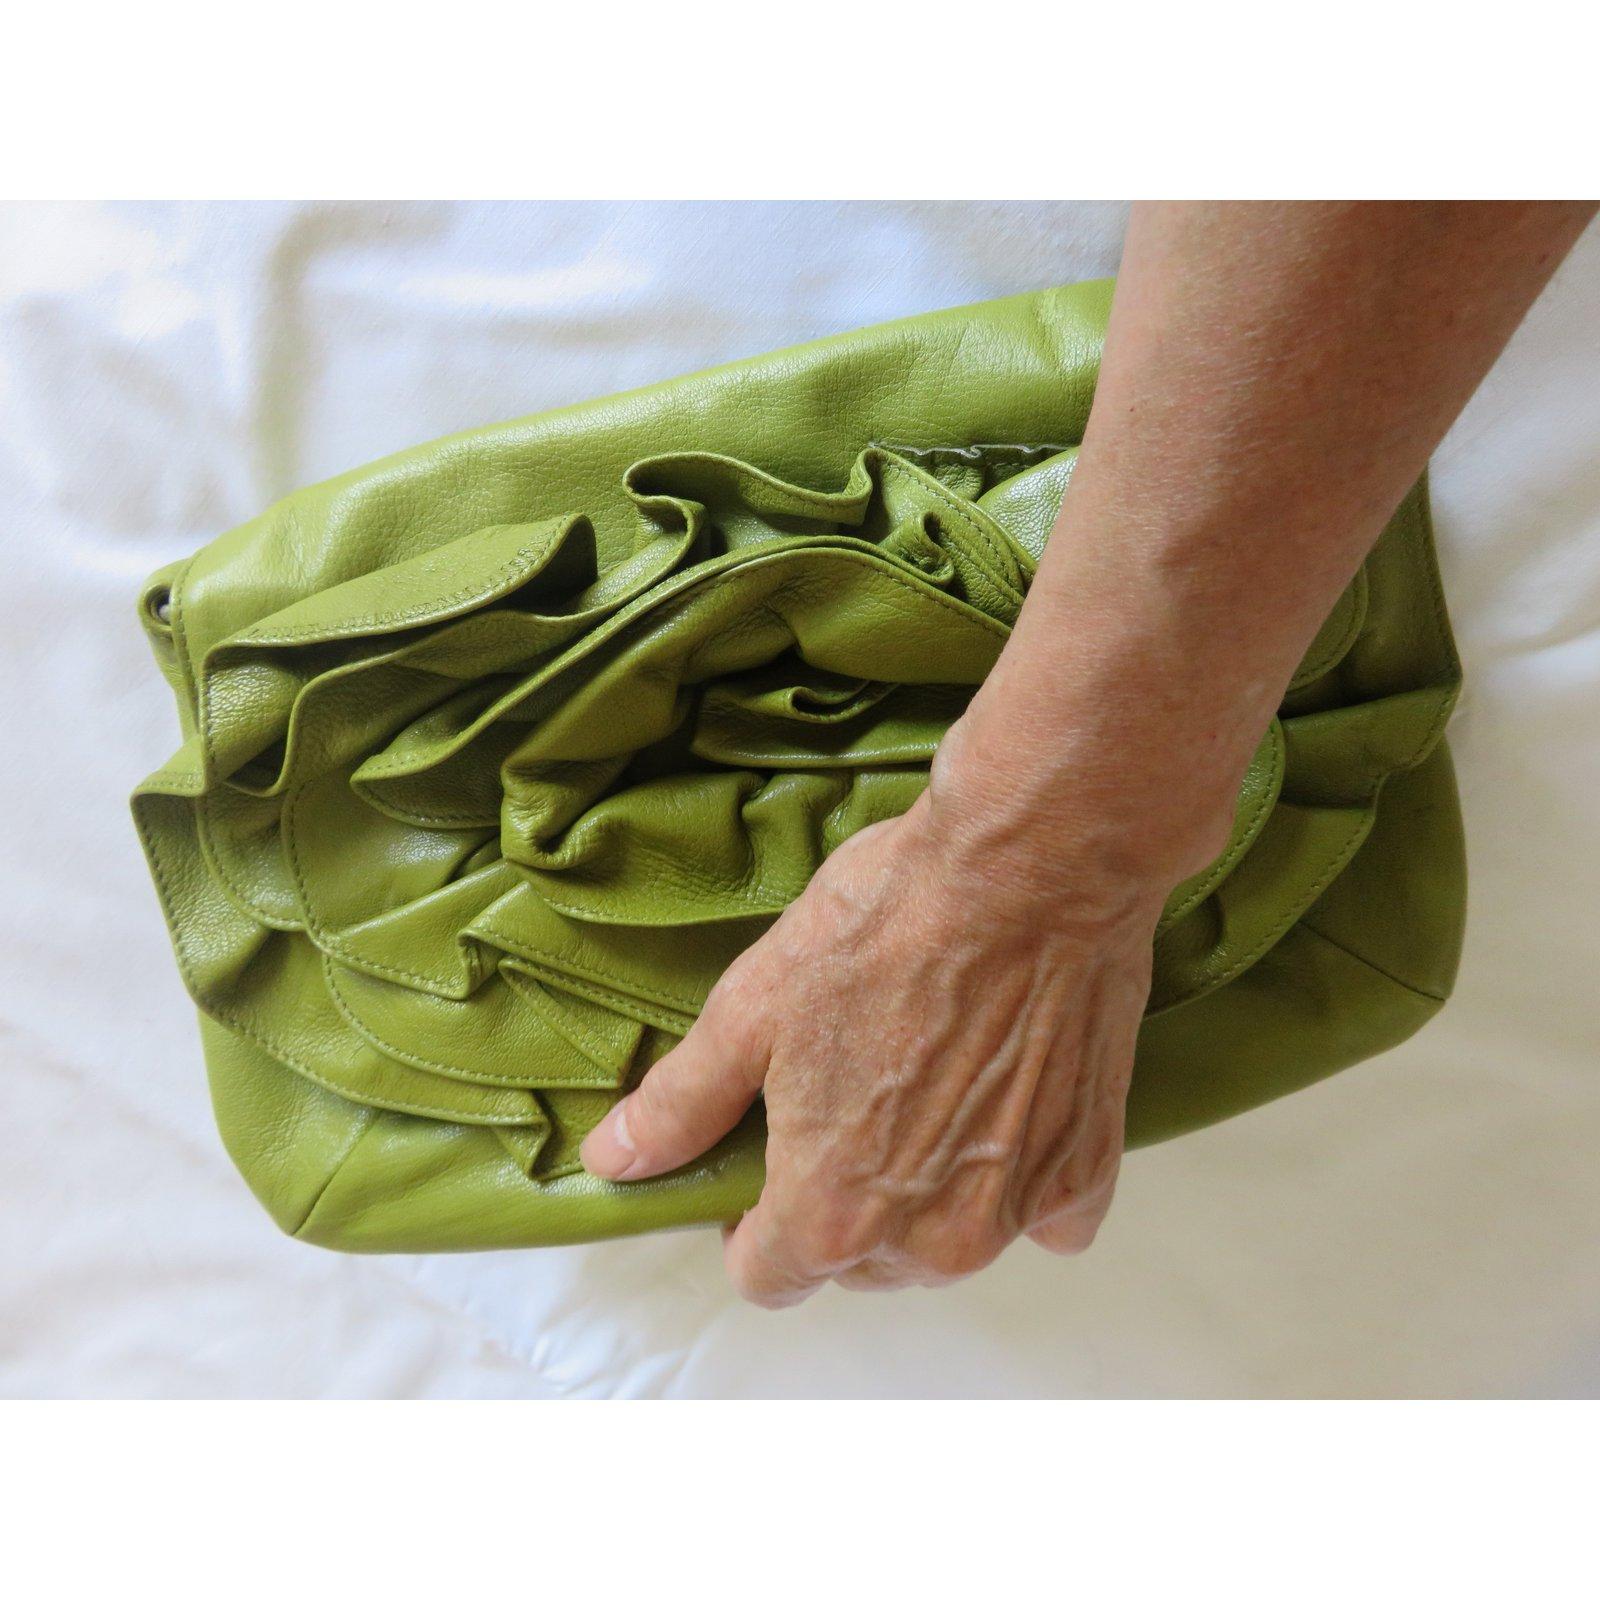 Wert für Geld erstklassig zuverlässige Qualität Unterarmtasche